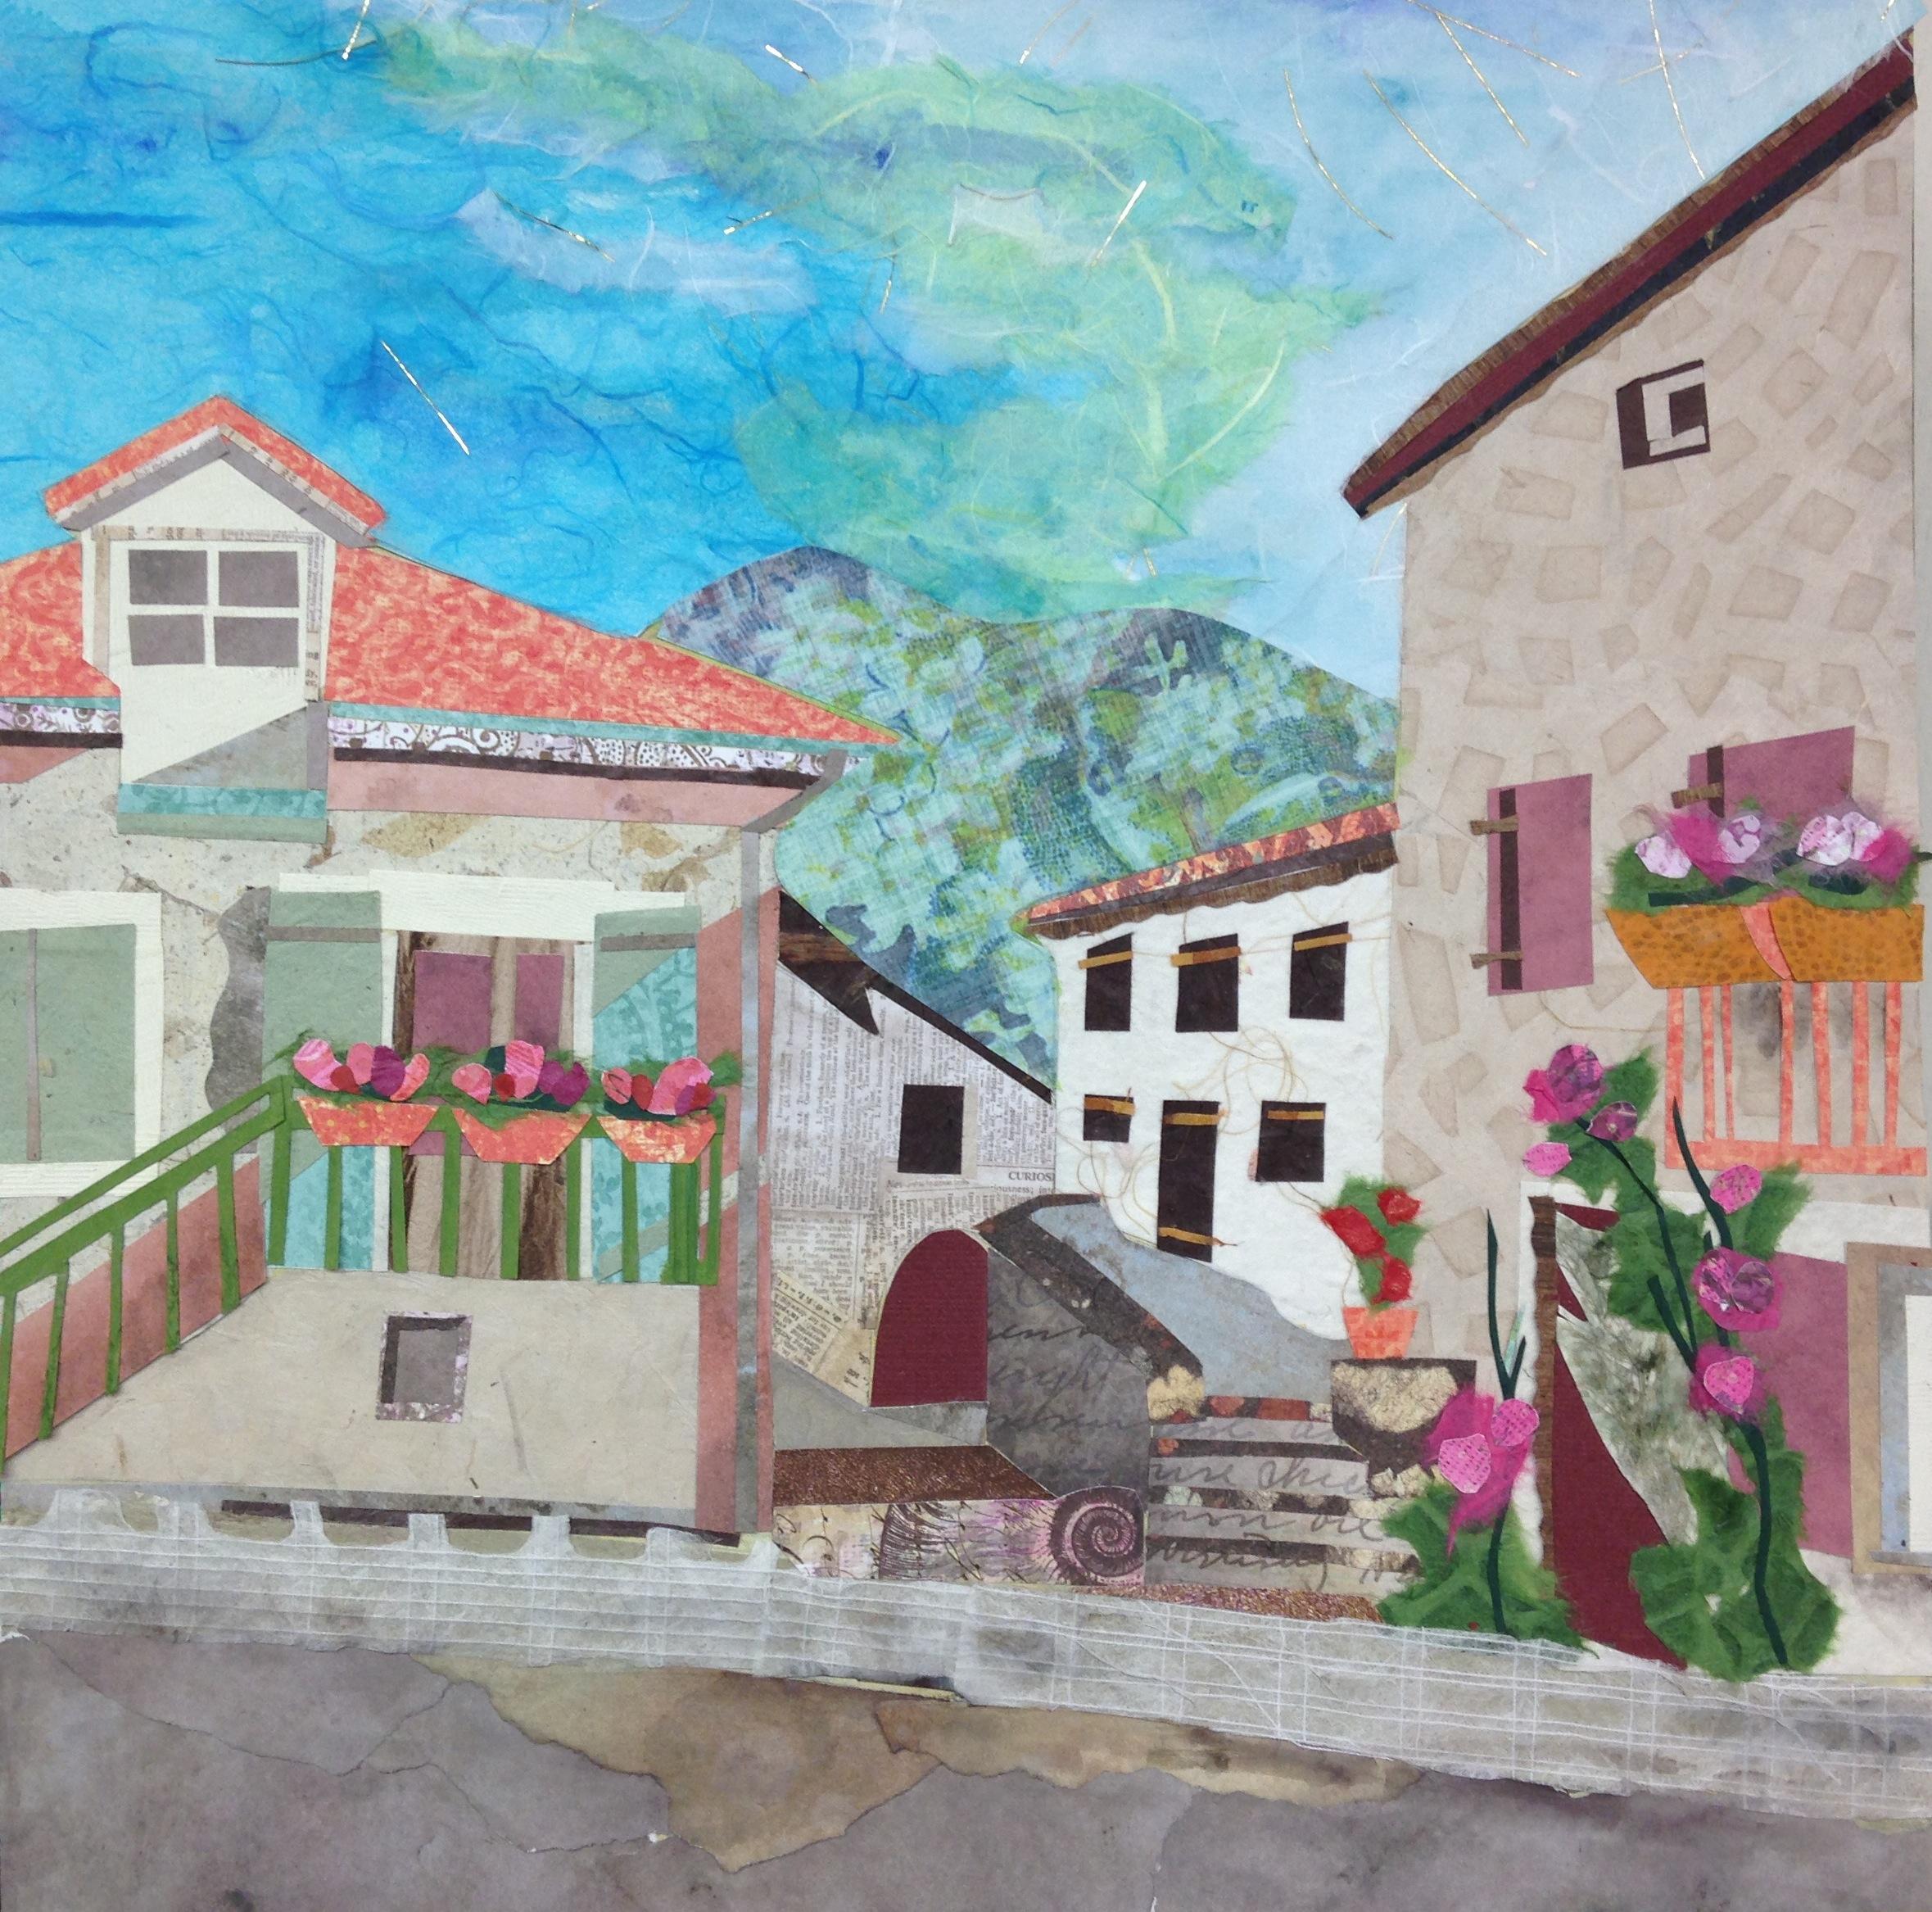 Village in Bloom, St. Pierreville, France